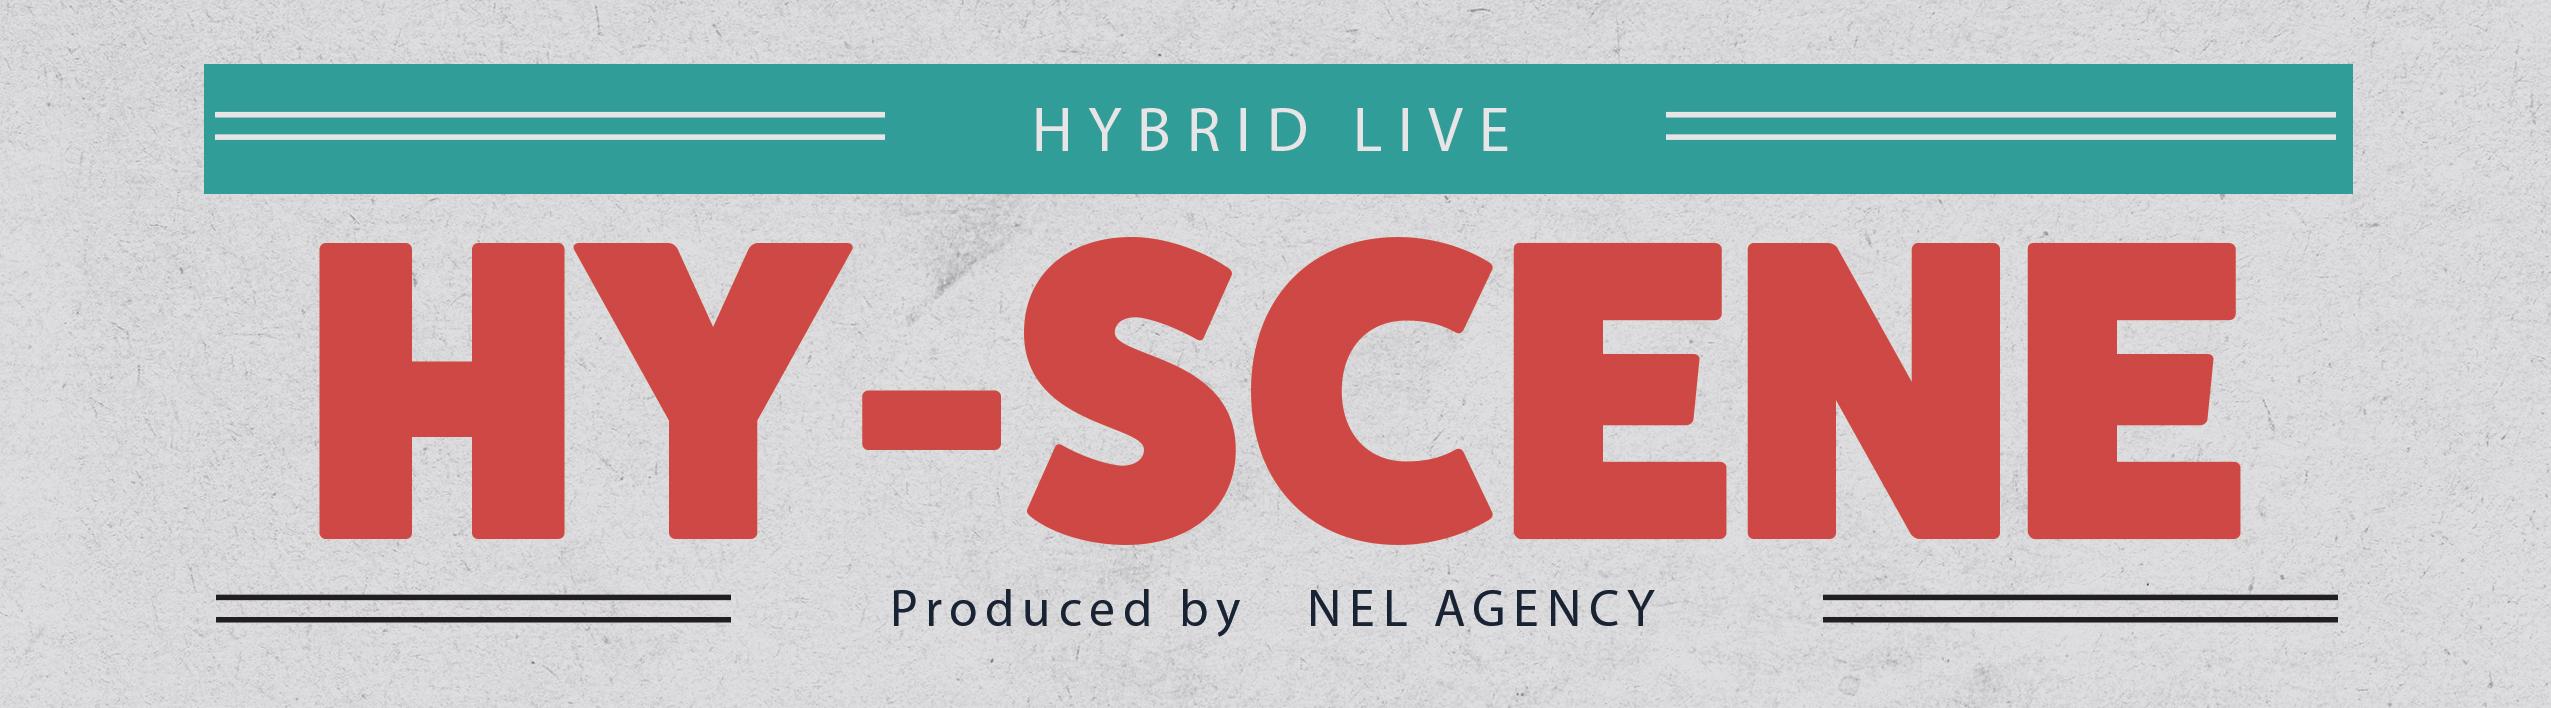 HY-SCENE